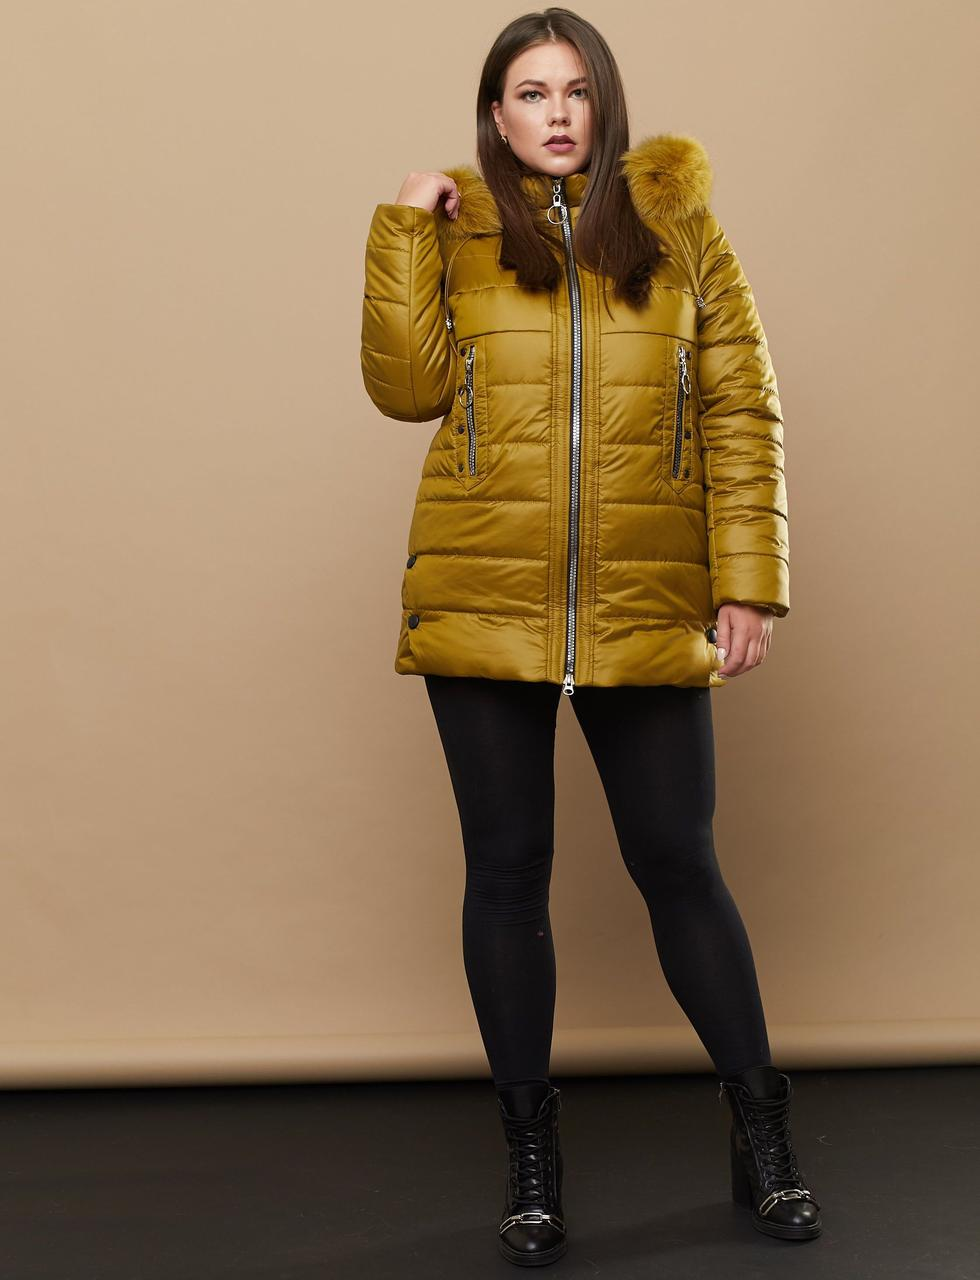 Удобная женская куртка для повседневного зимнего гардероба Разные цвета